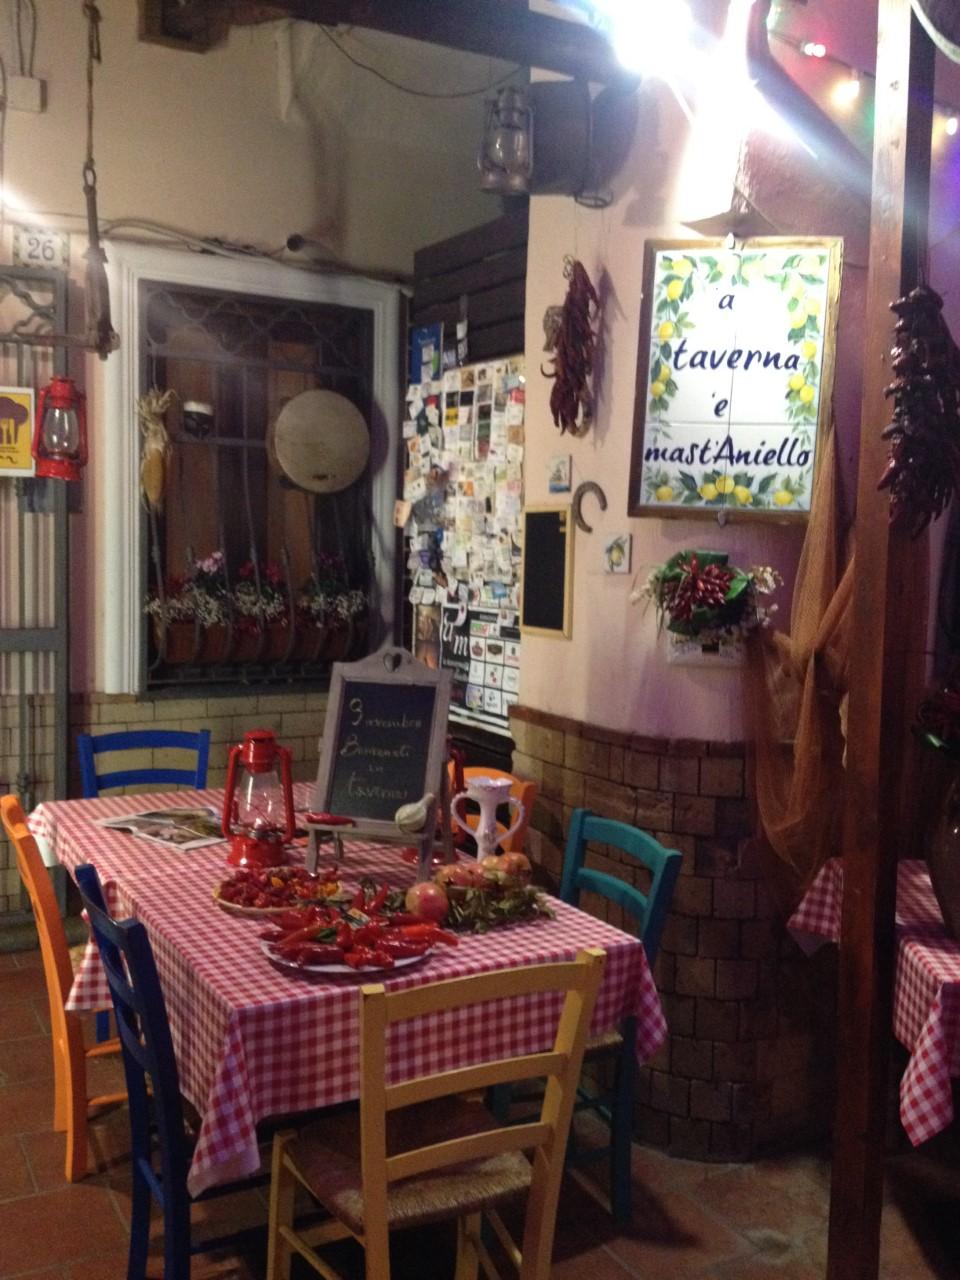 Taverna 'e Mast' Aniello - ingresso